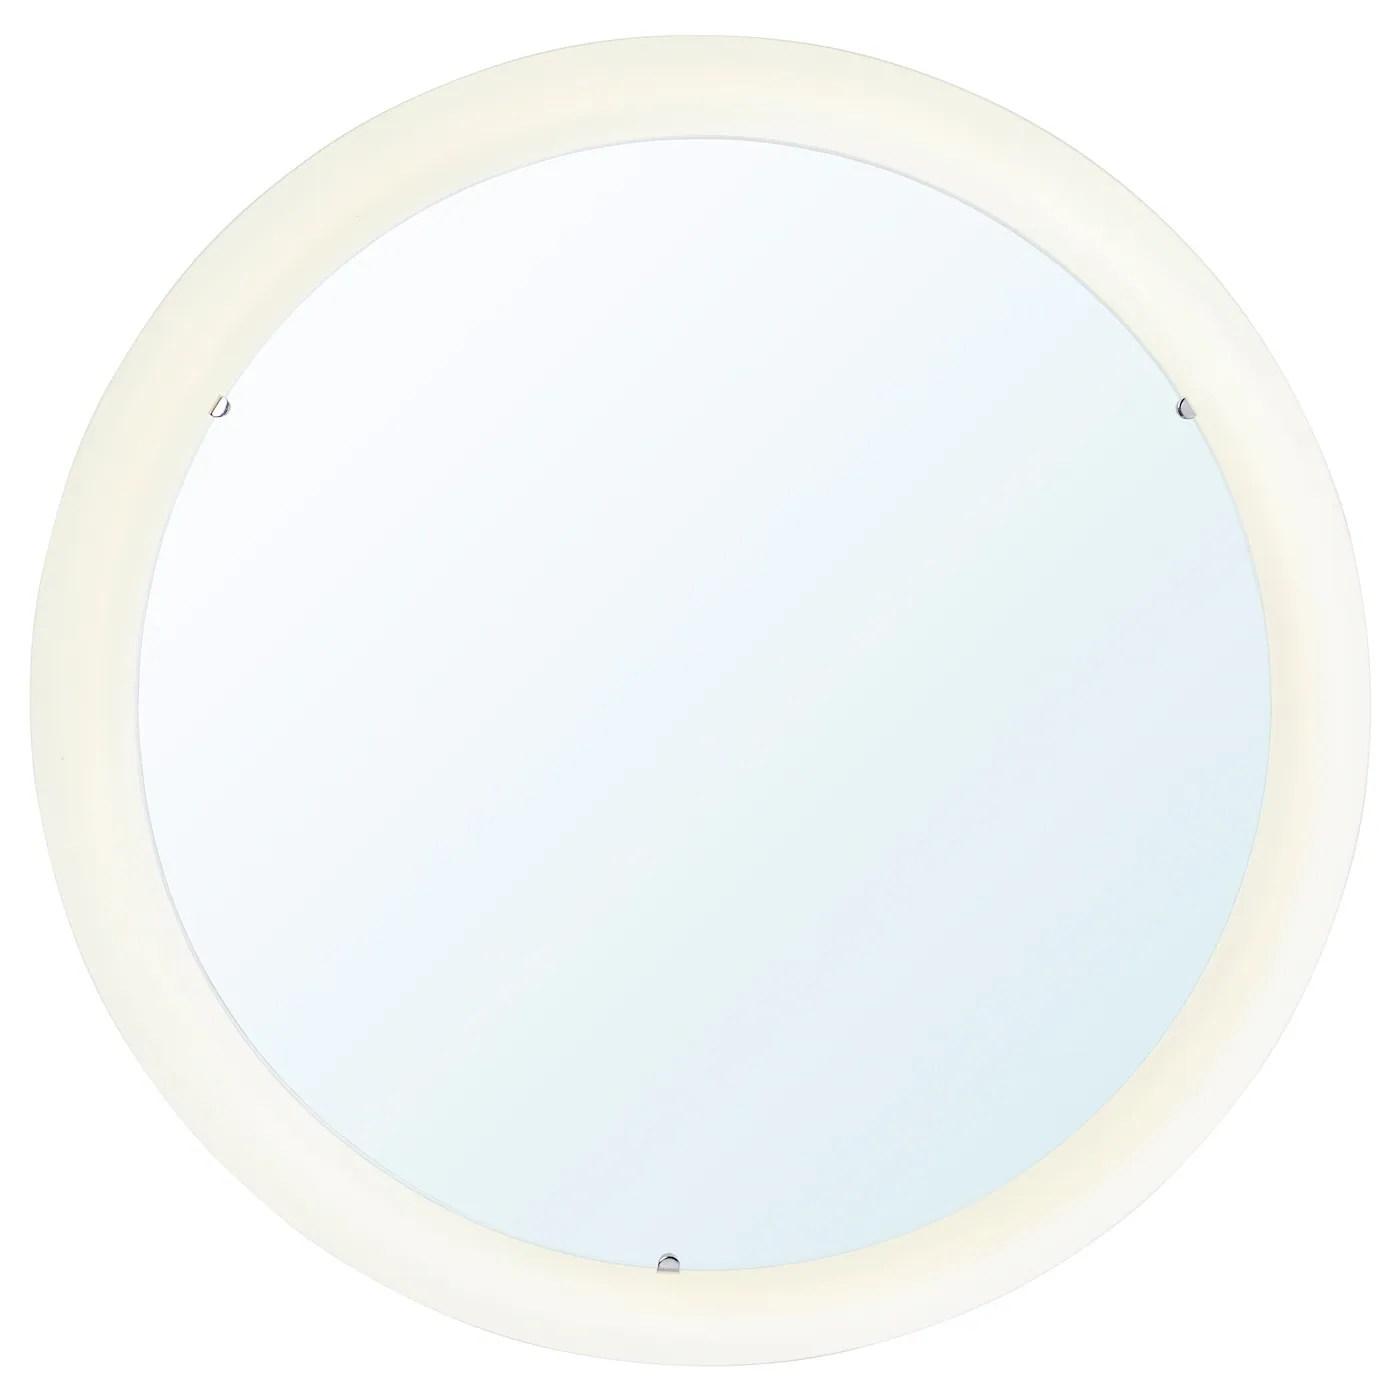 Storjorm Miroir Avec Eclairage Integre Blanc 47 Cm Ikea Suisse